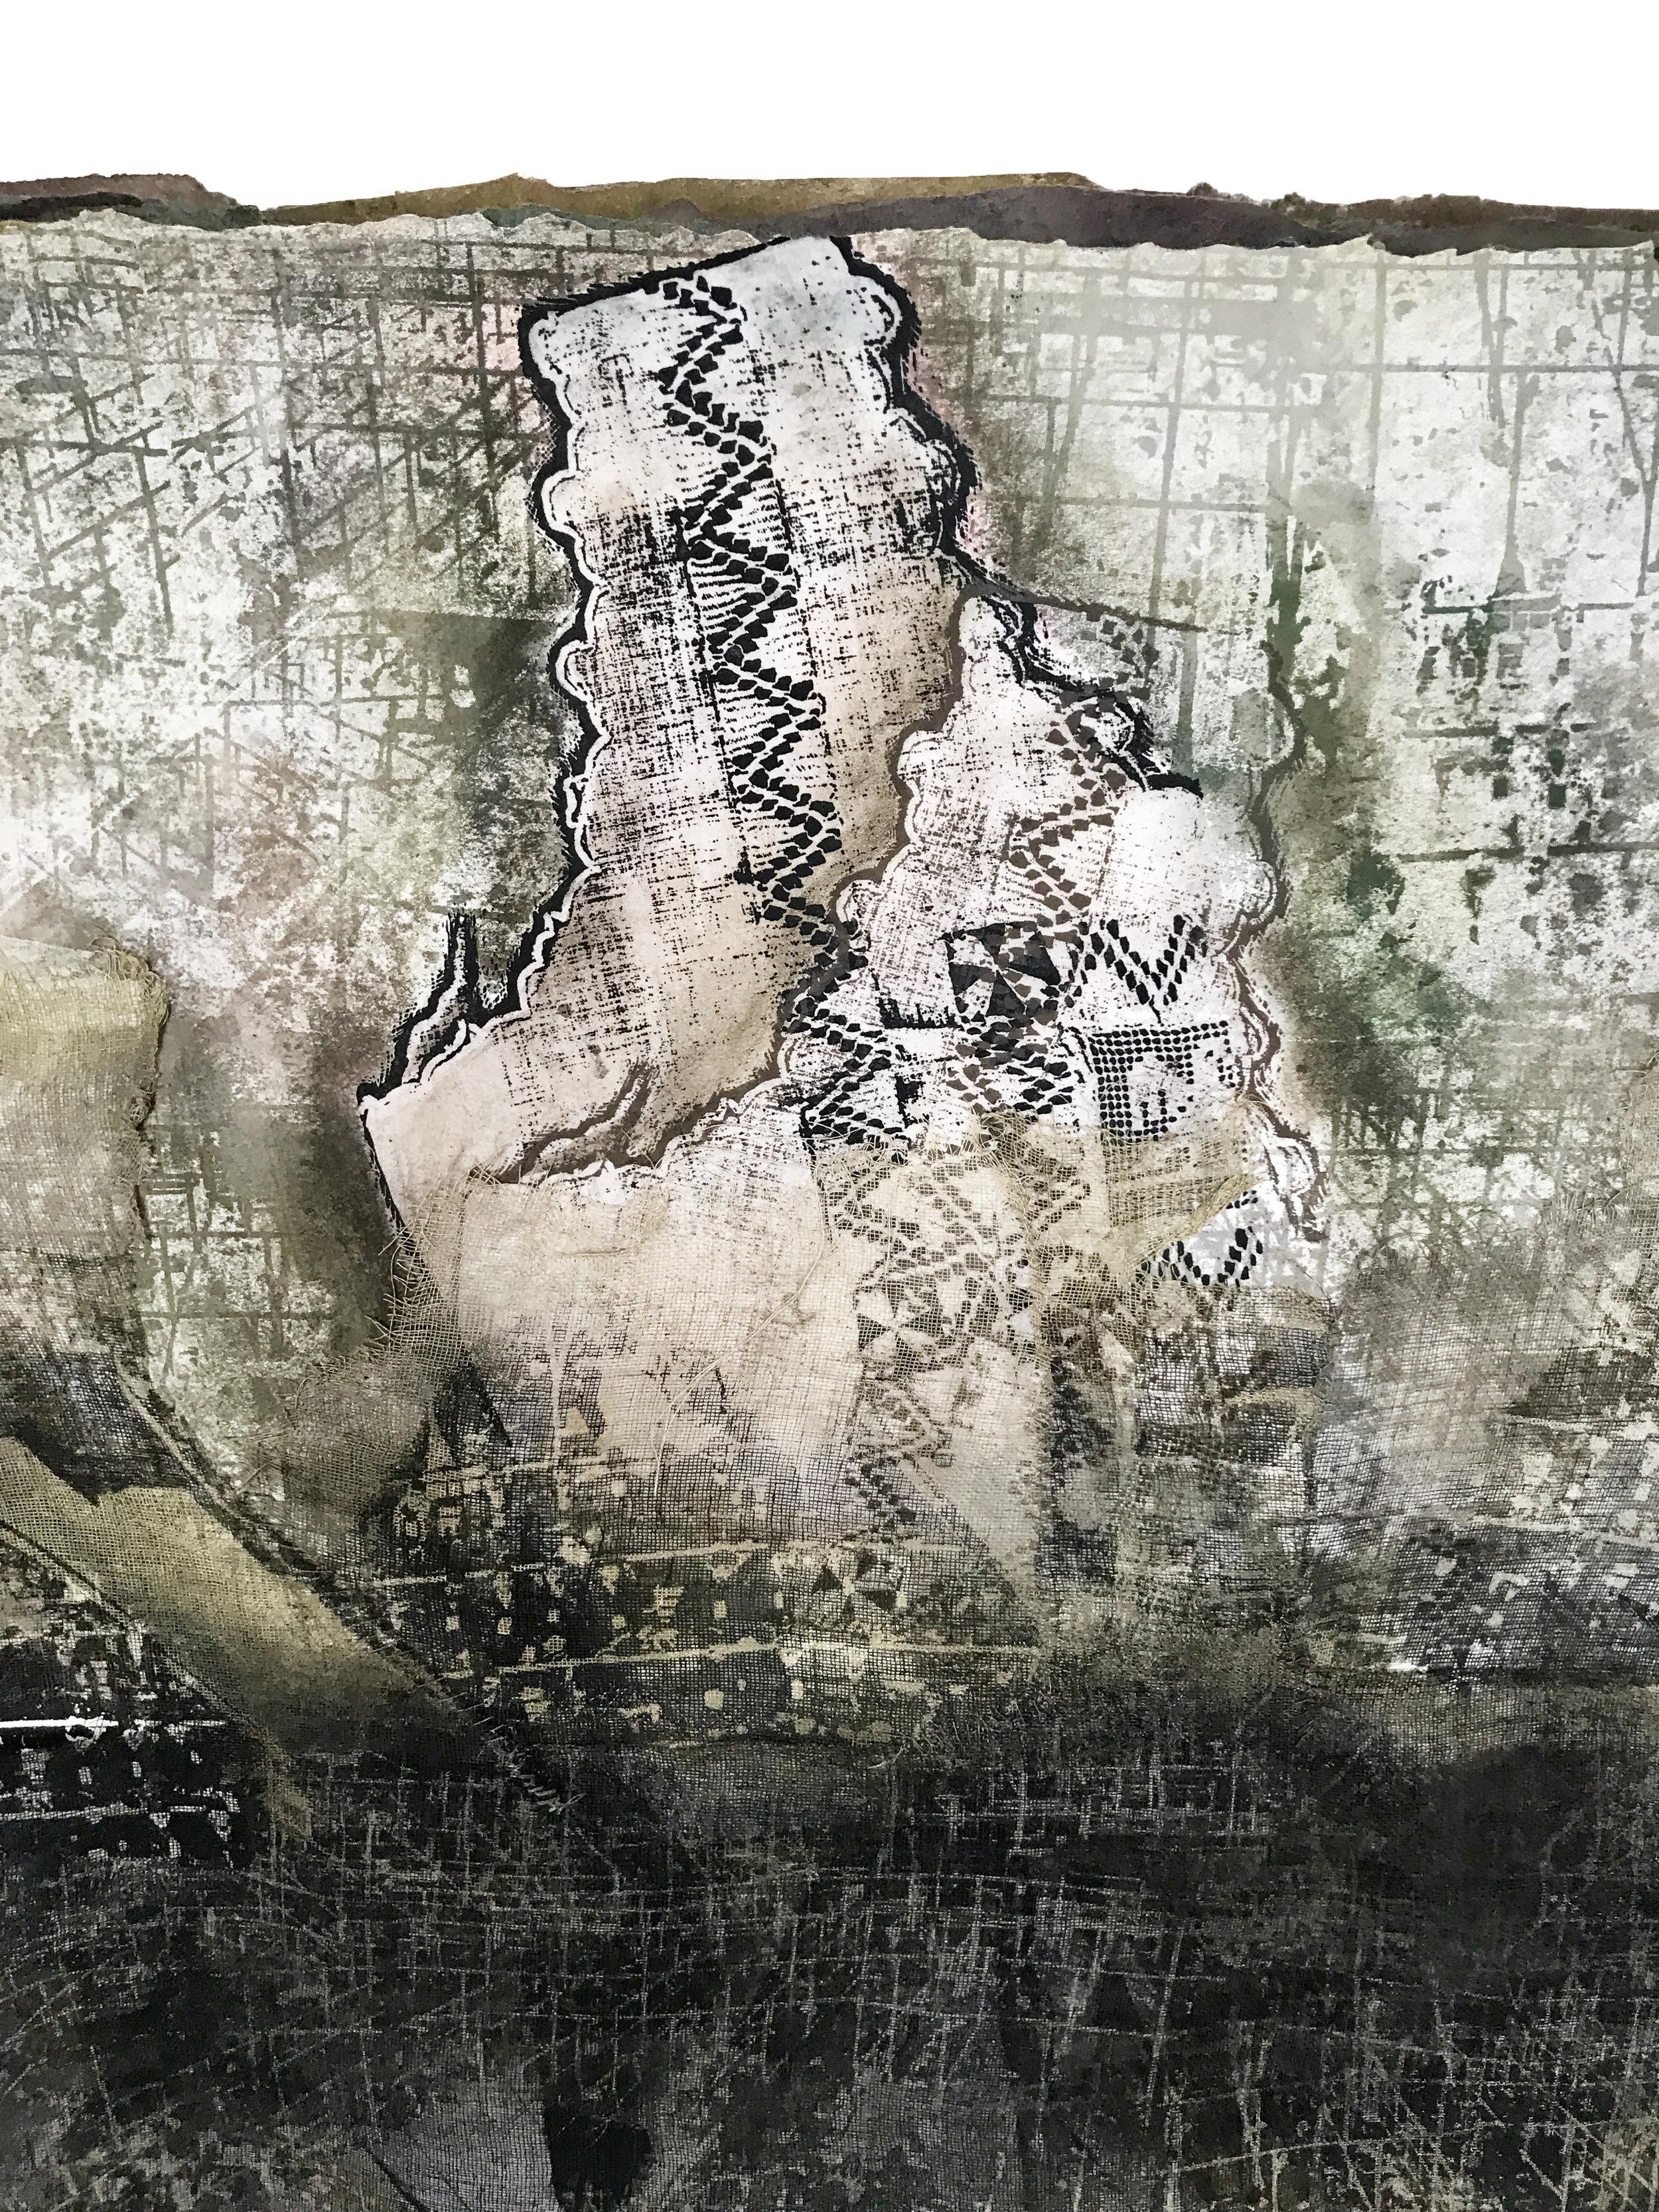 Passageways, Passageways—Anatomy of an Heirloom  DETAIL